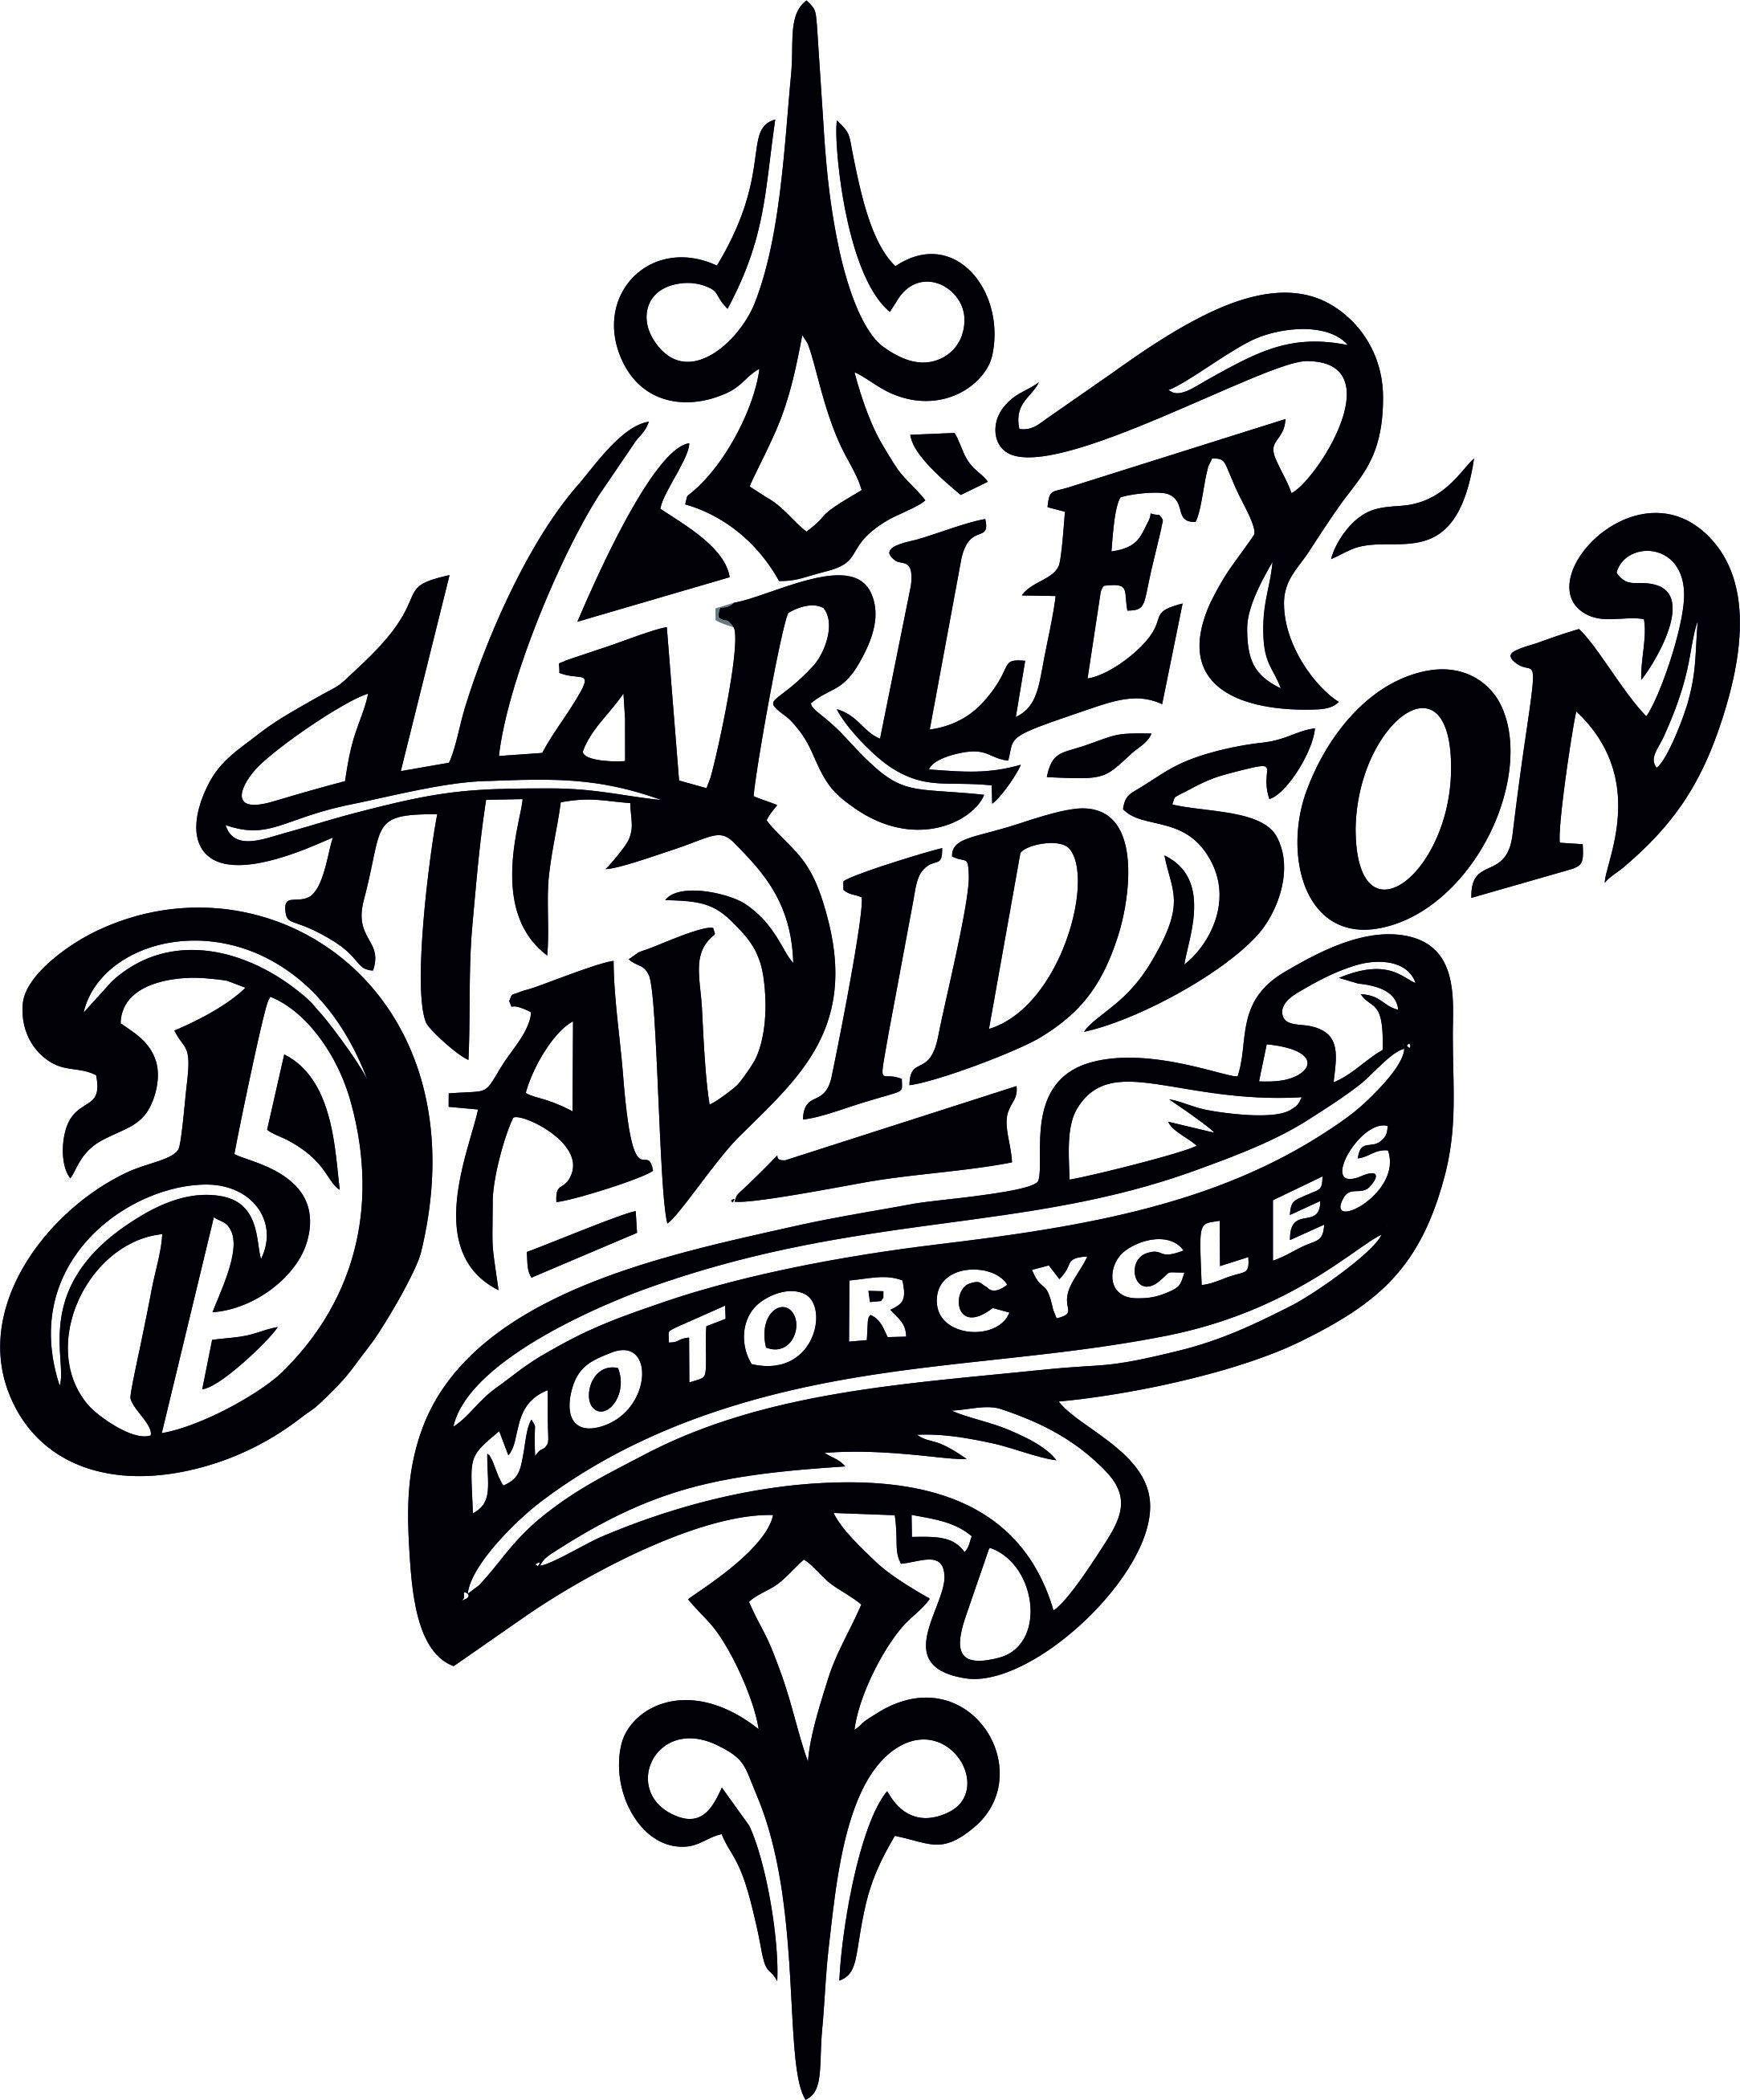 Pin On Harley Davidson Logo